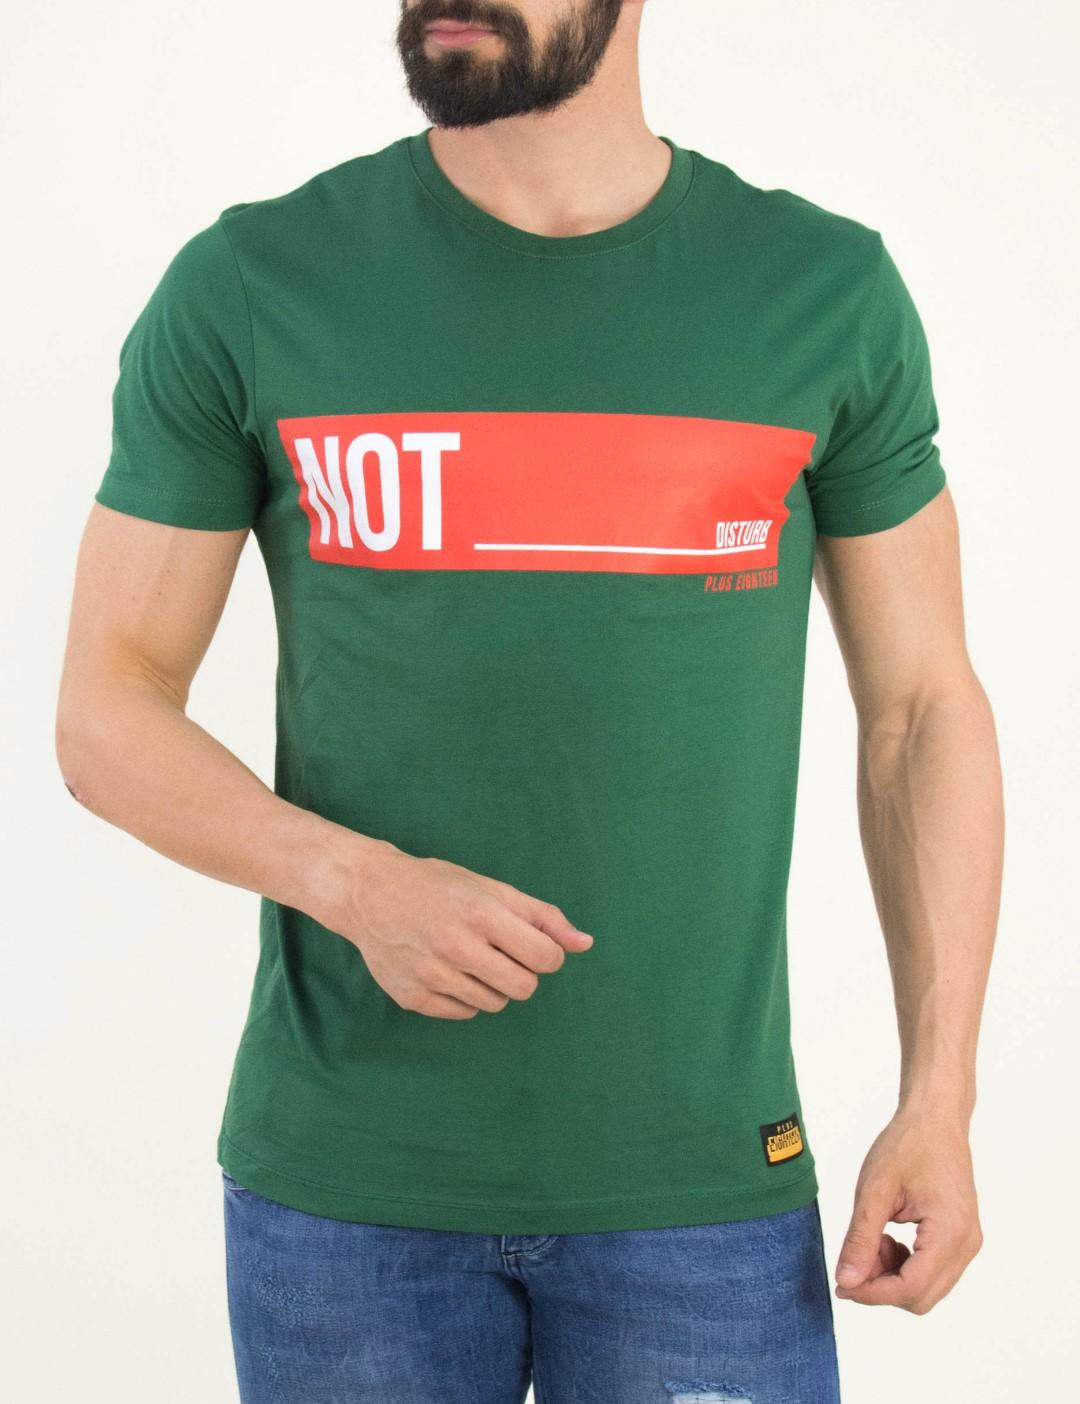 64c085d50eb1 Ανδρική πράσινη κοντομάνικη μπλούζα τύπωμα Plus Eighteen 3532L